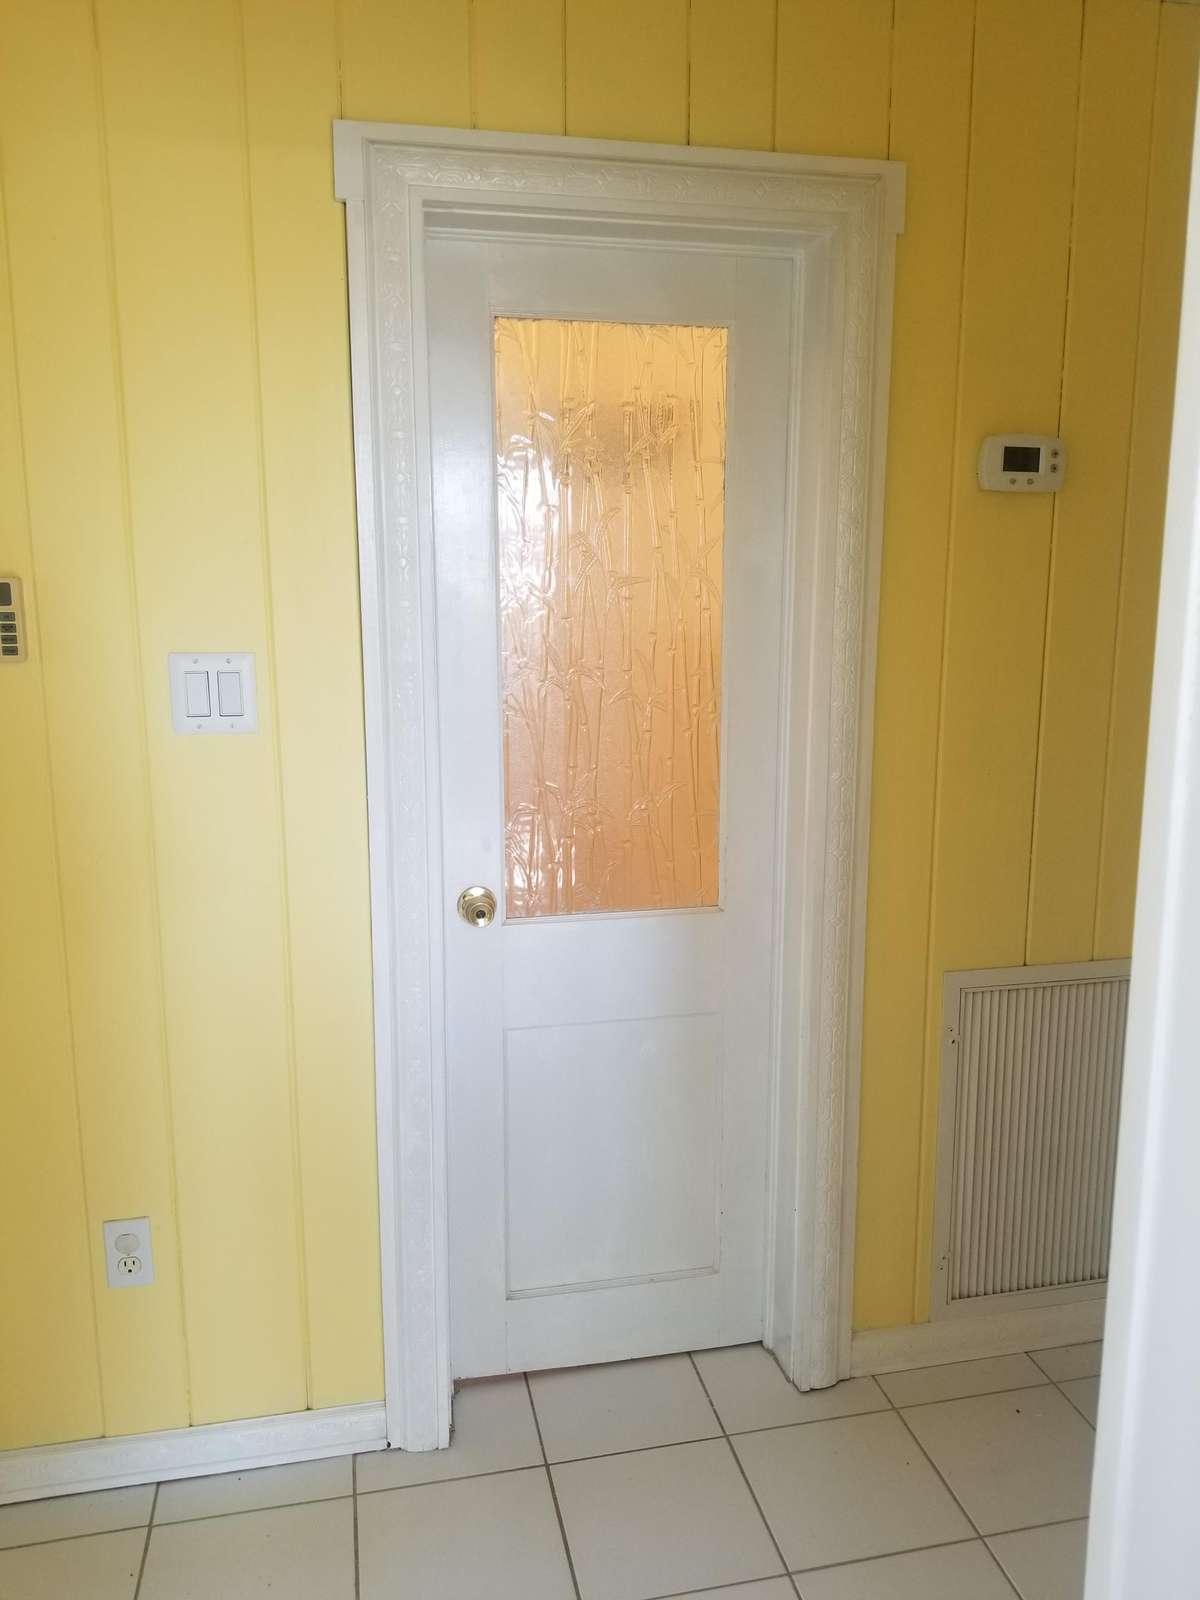 Bathroom with vintage door